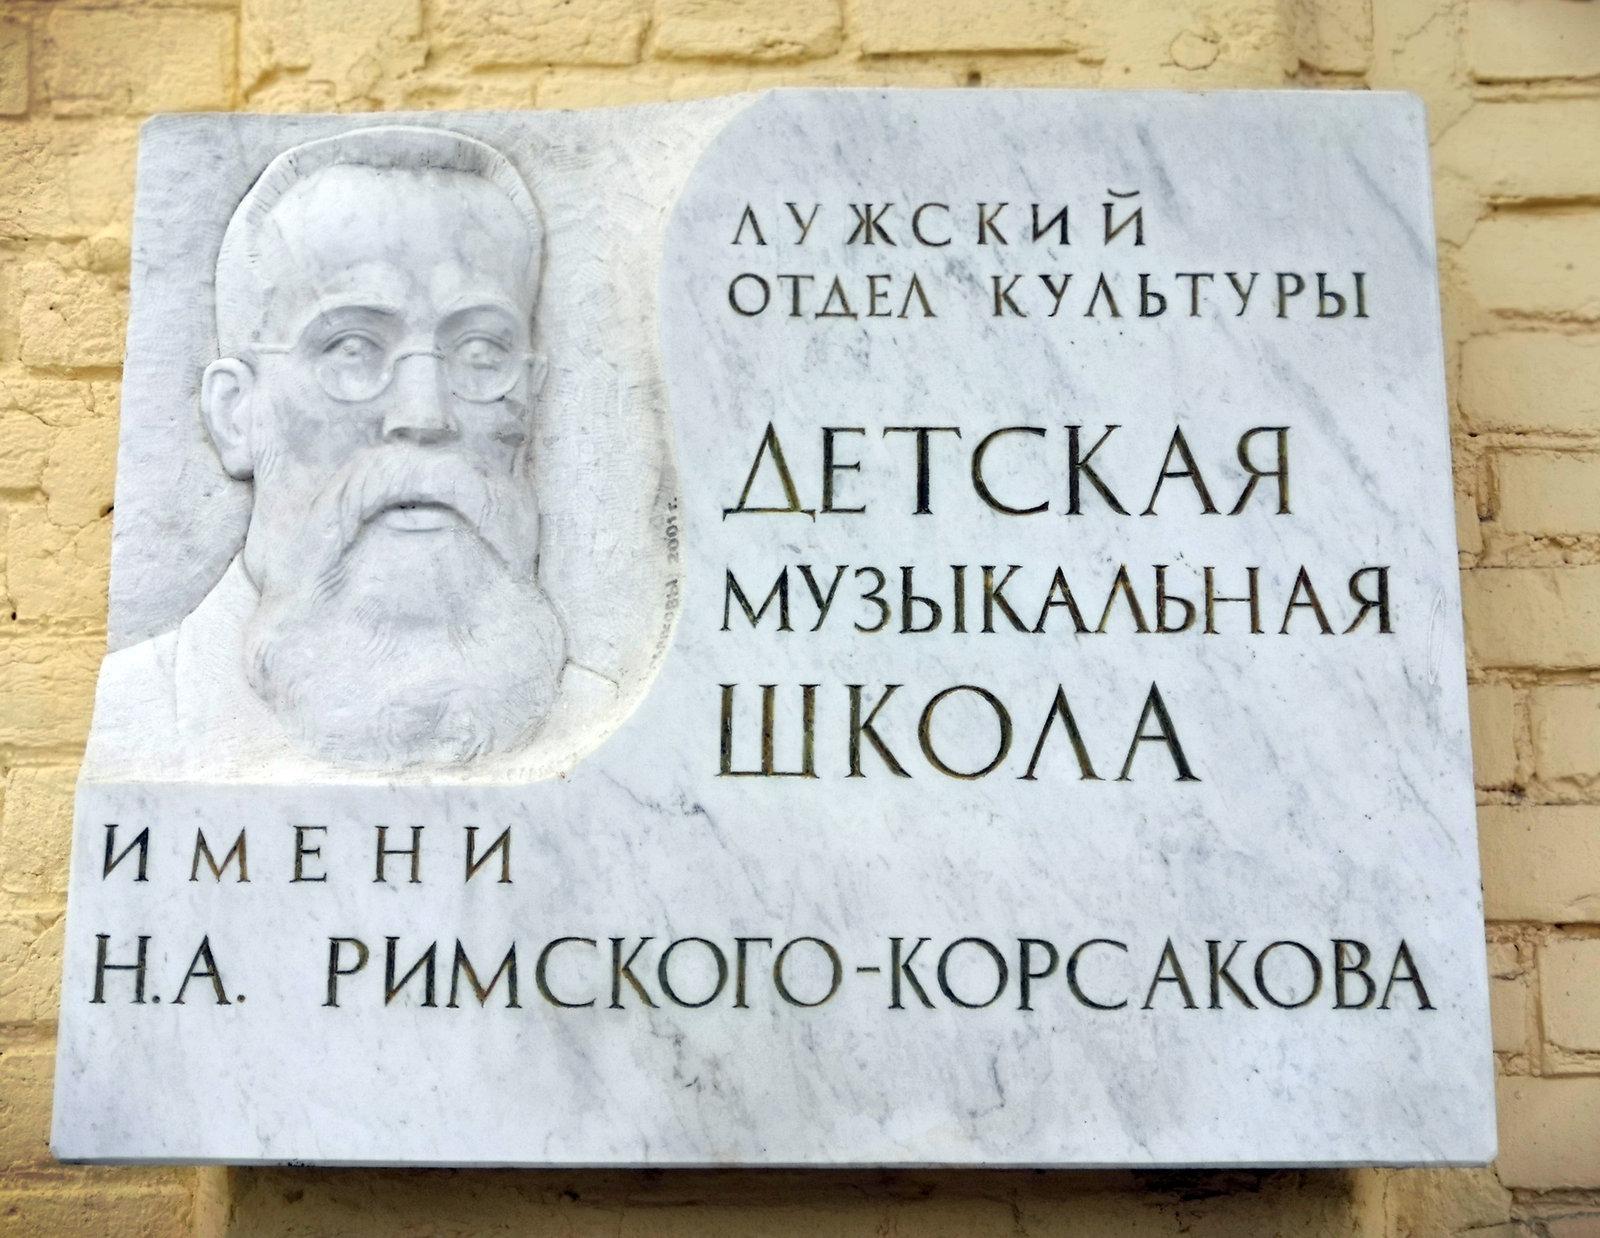 Rimski-Korsakov (1844-1908) - Page 2 210809053055206088